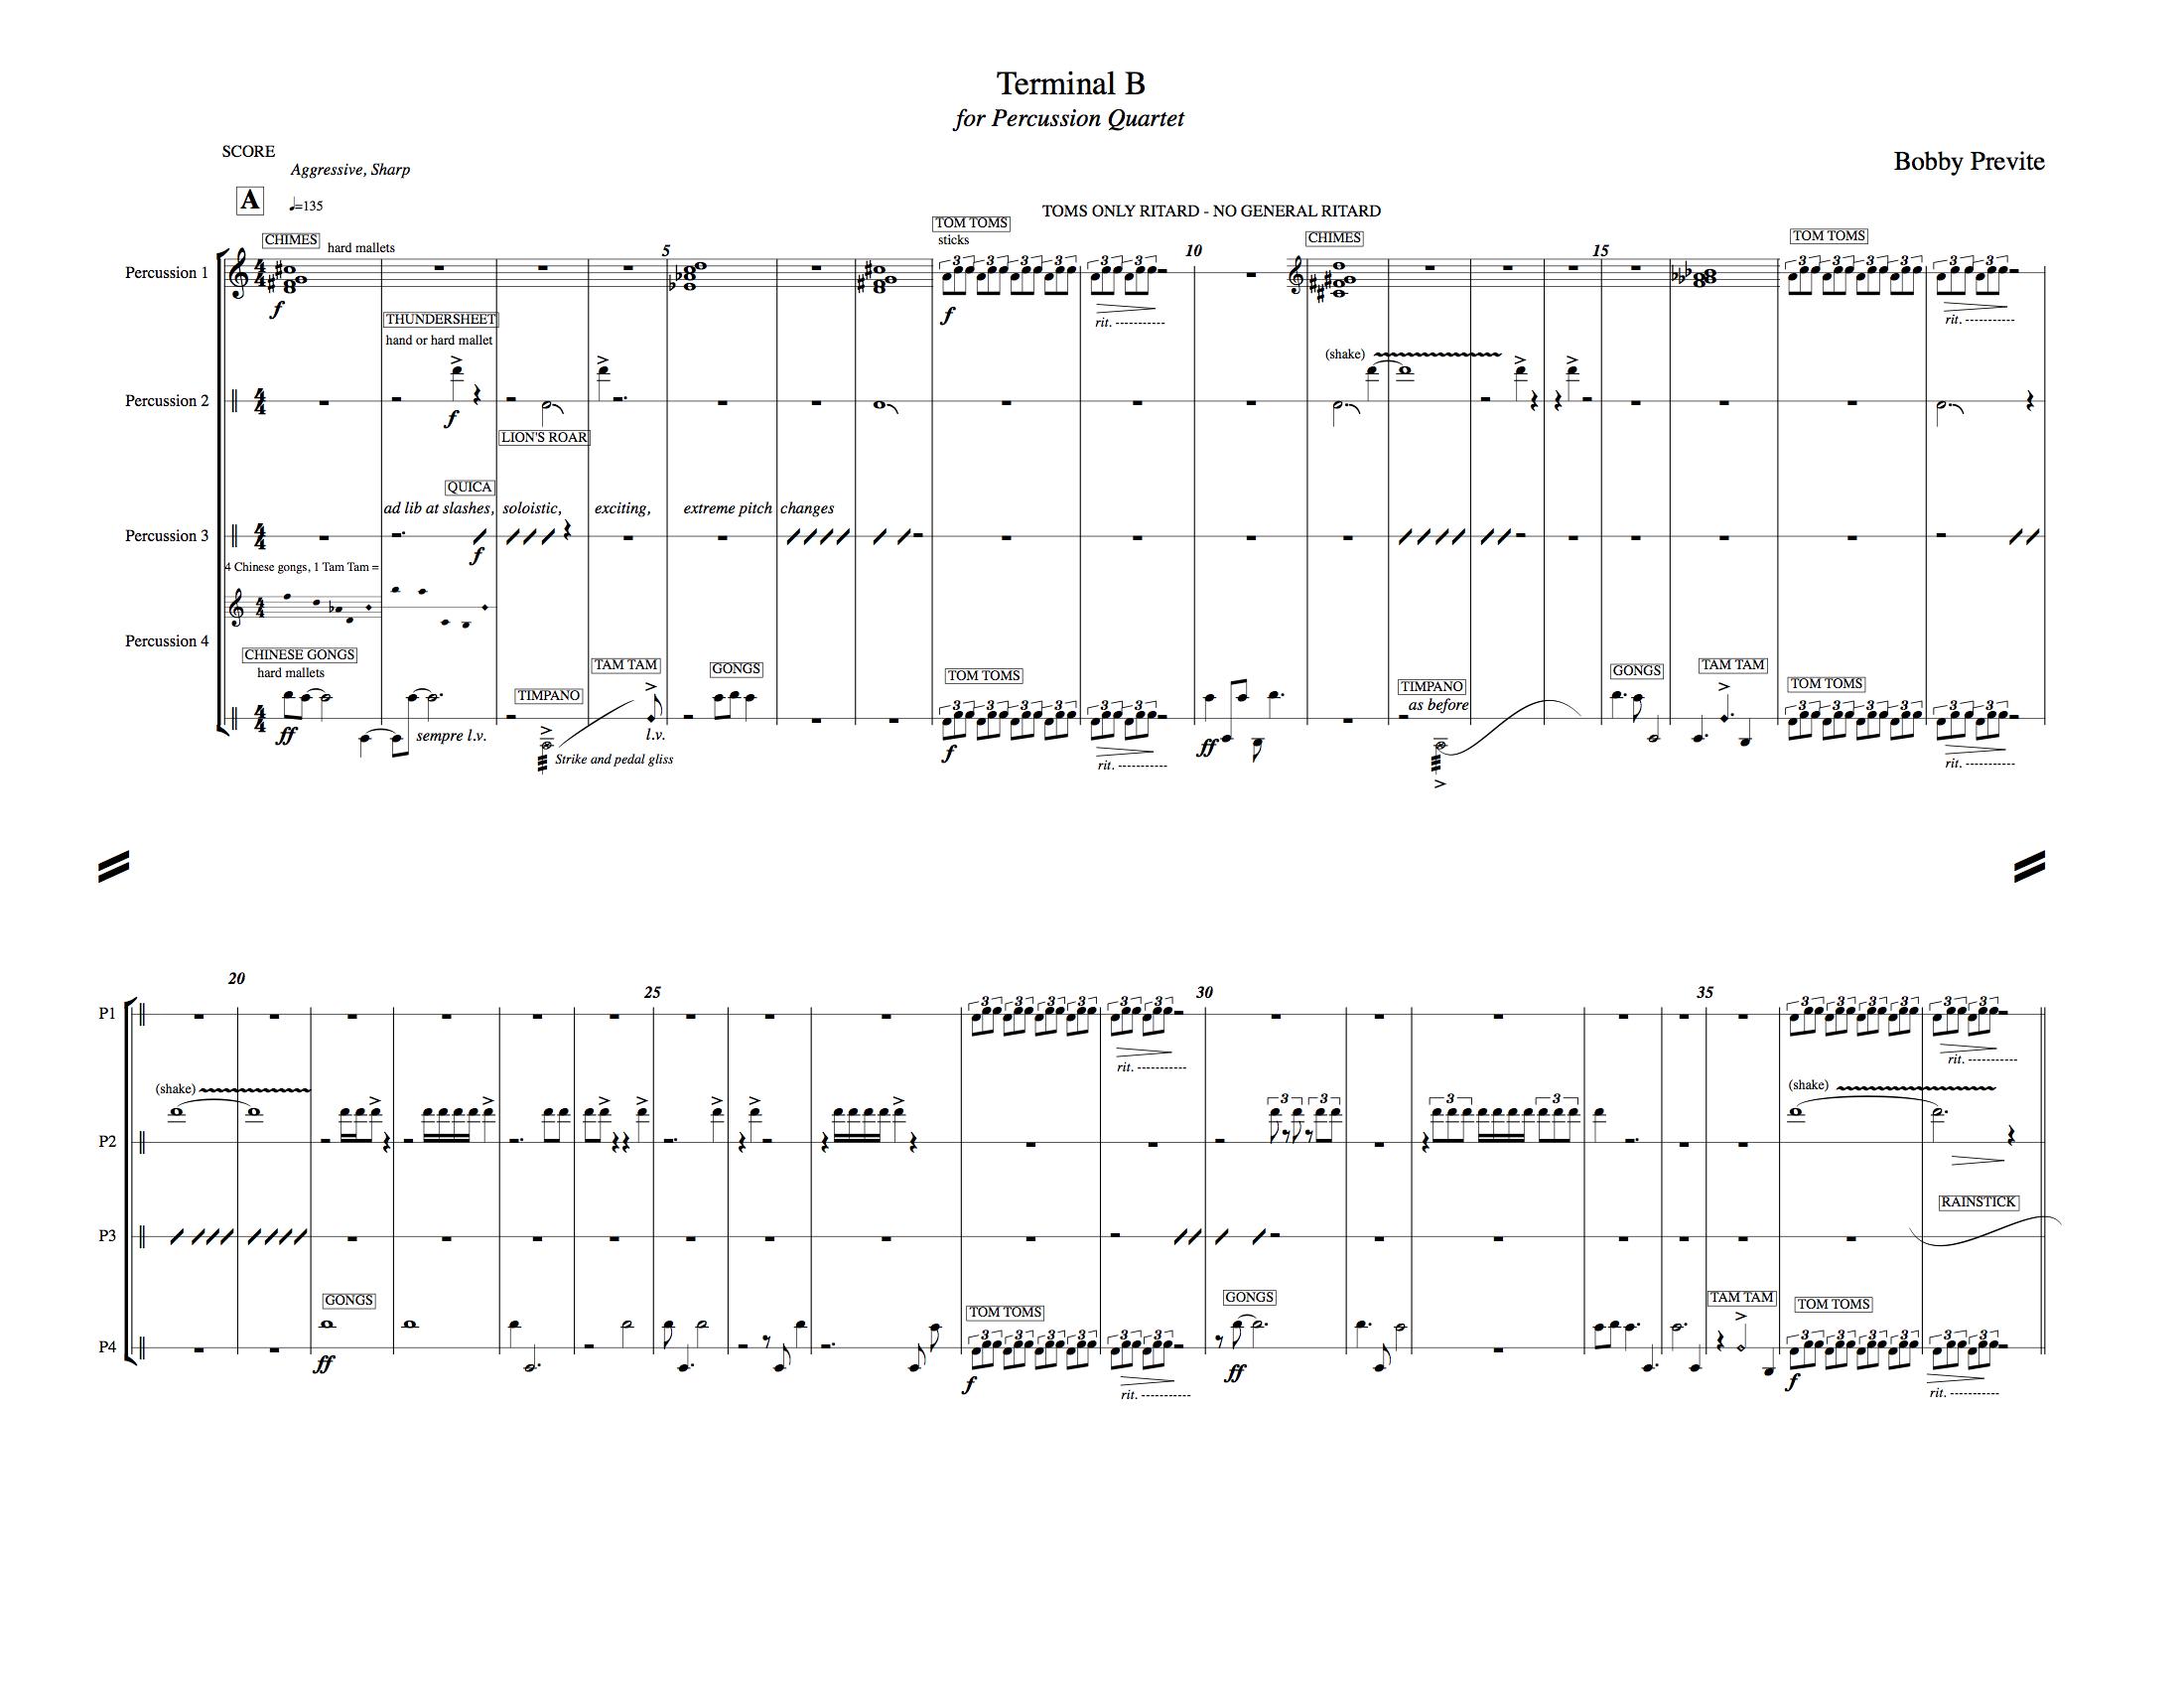 TERMINALS QUARTETS - TB pg 1.jpg